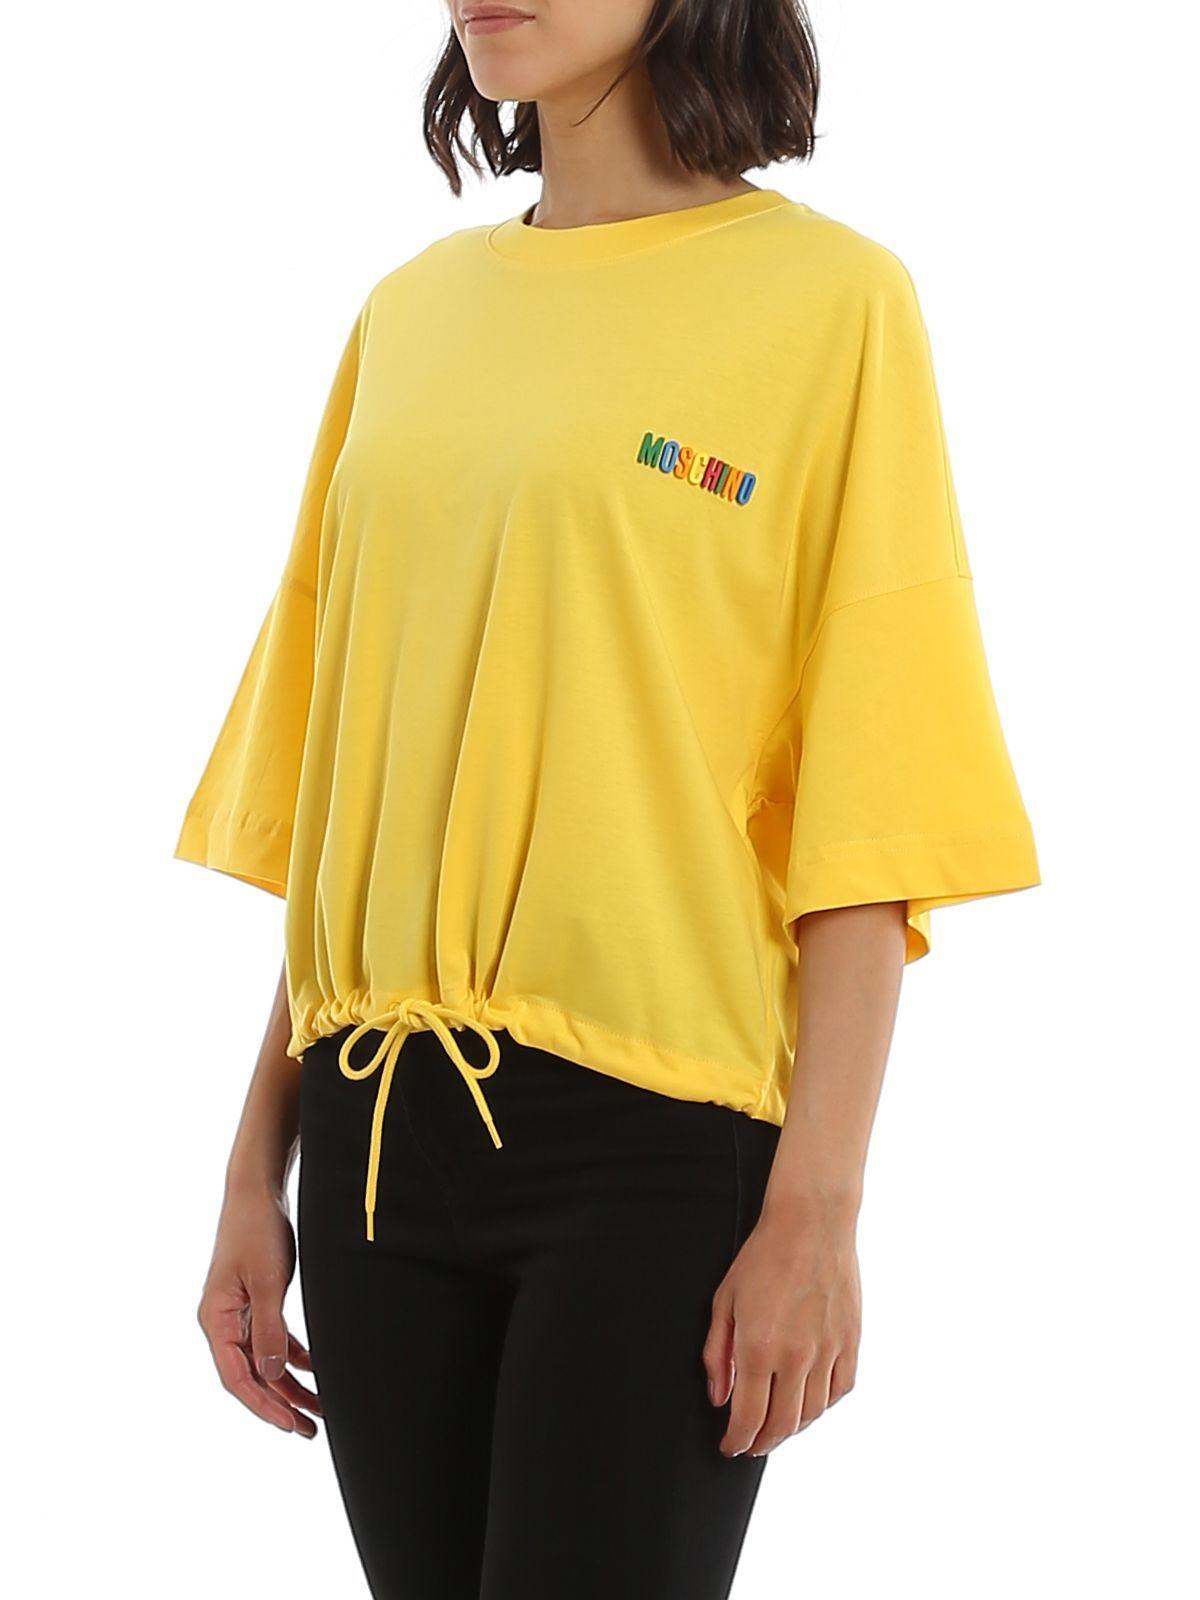 MOSCHINO WOMEN'S A070105401027 YELLOW COTTON T-SHIRT